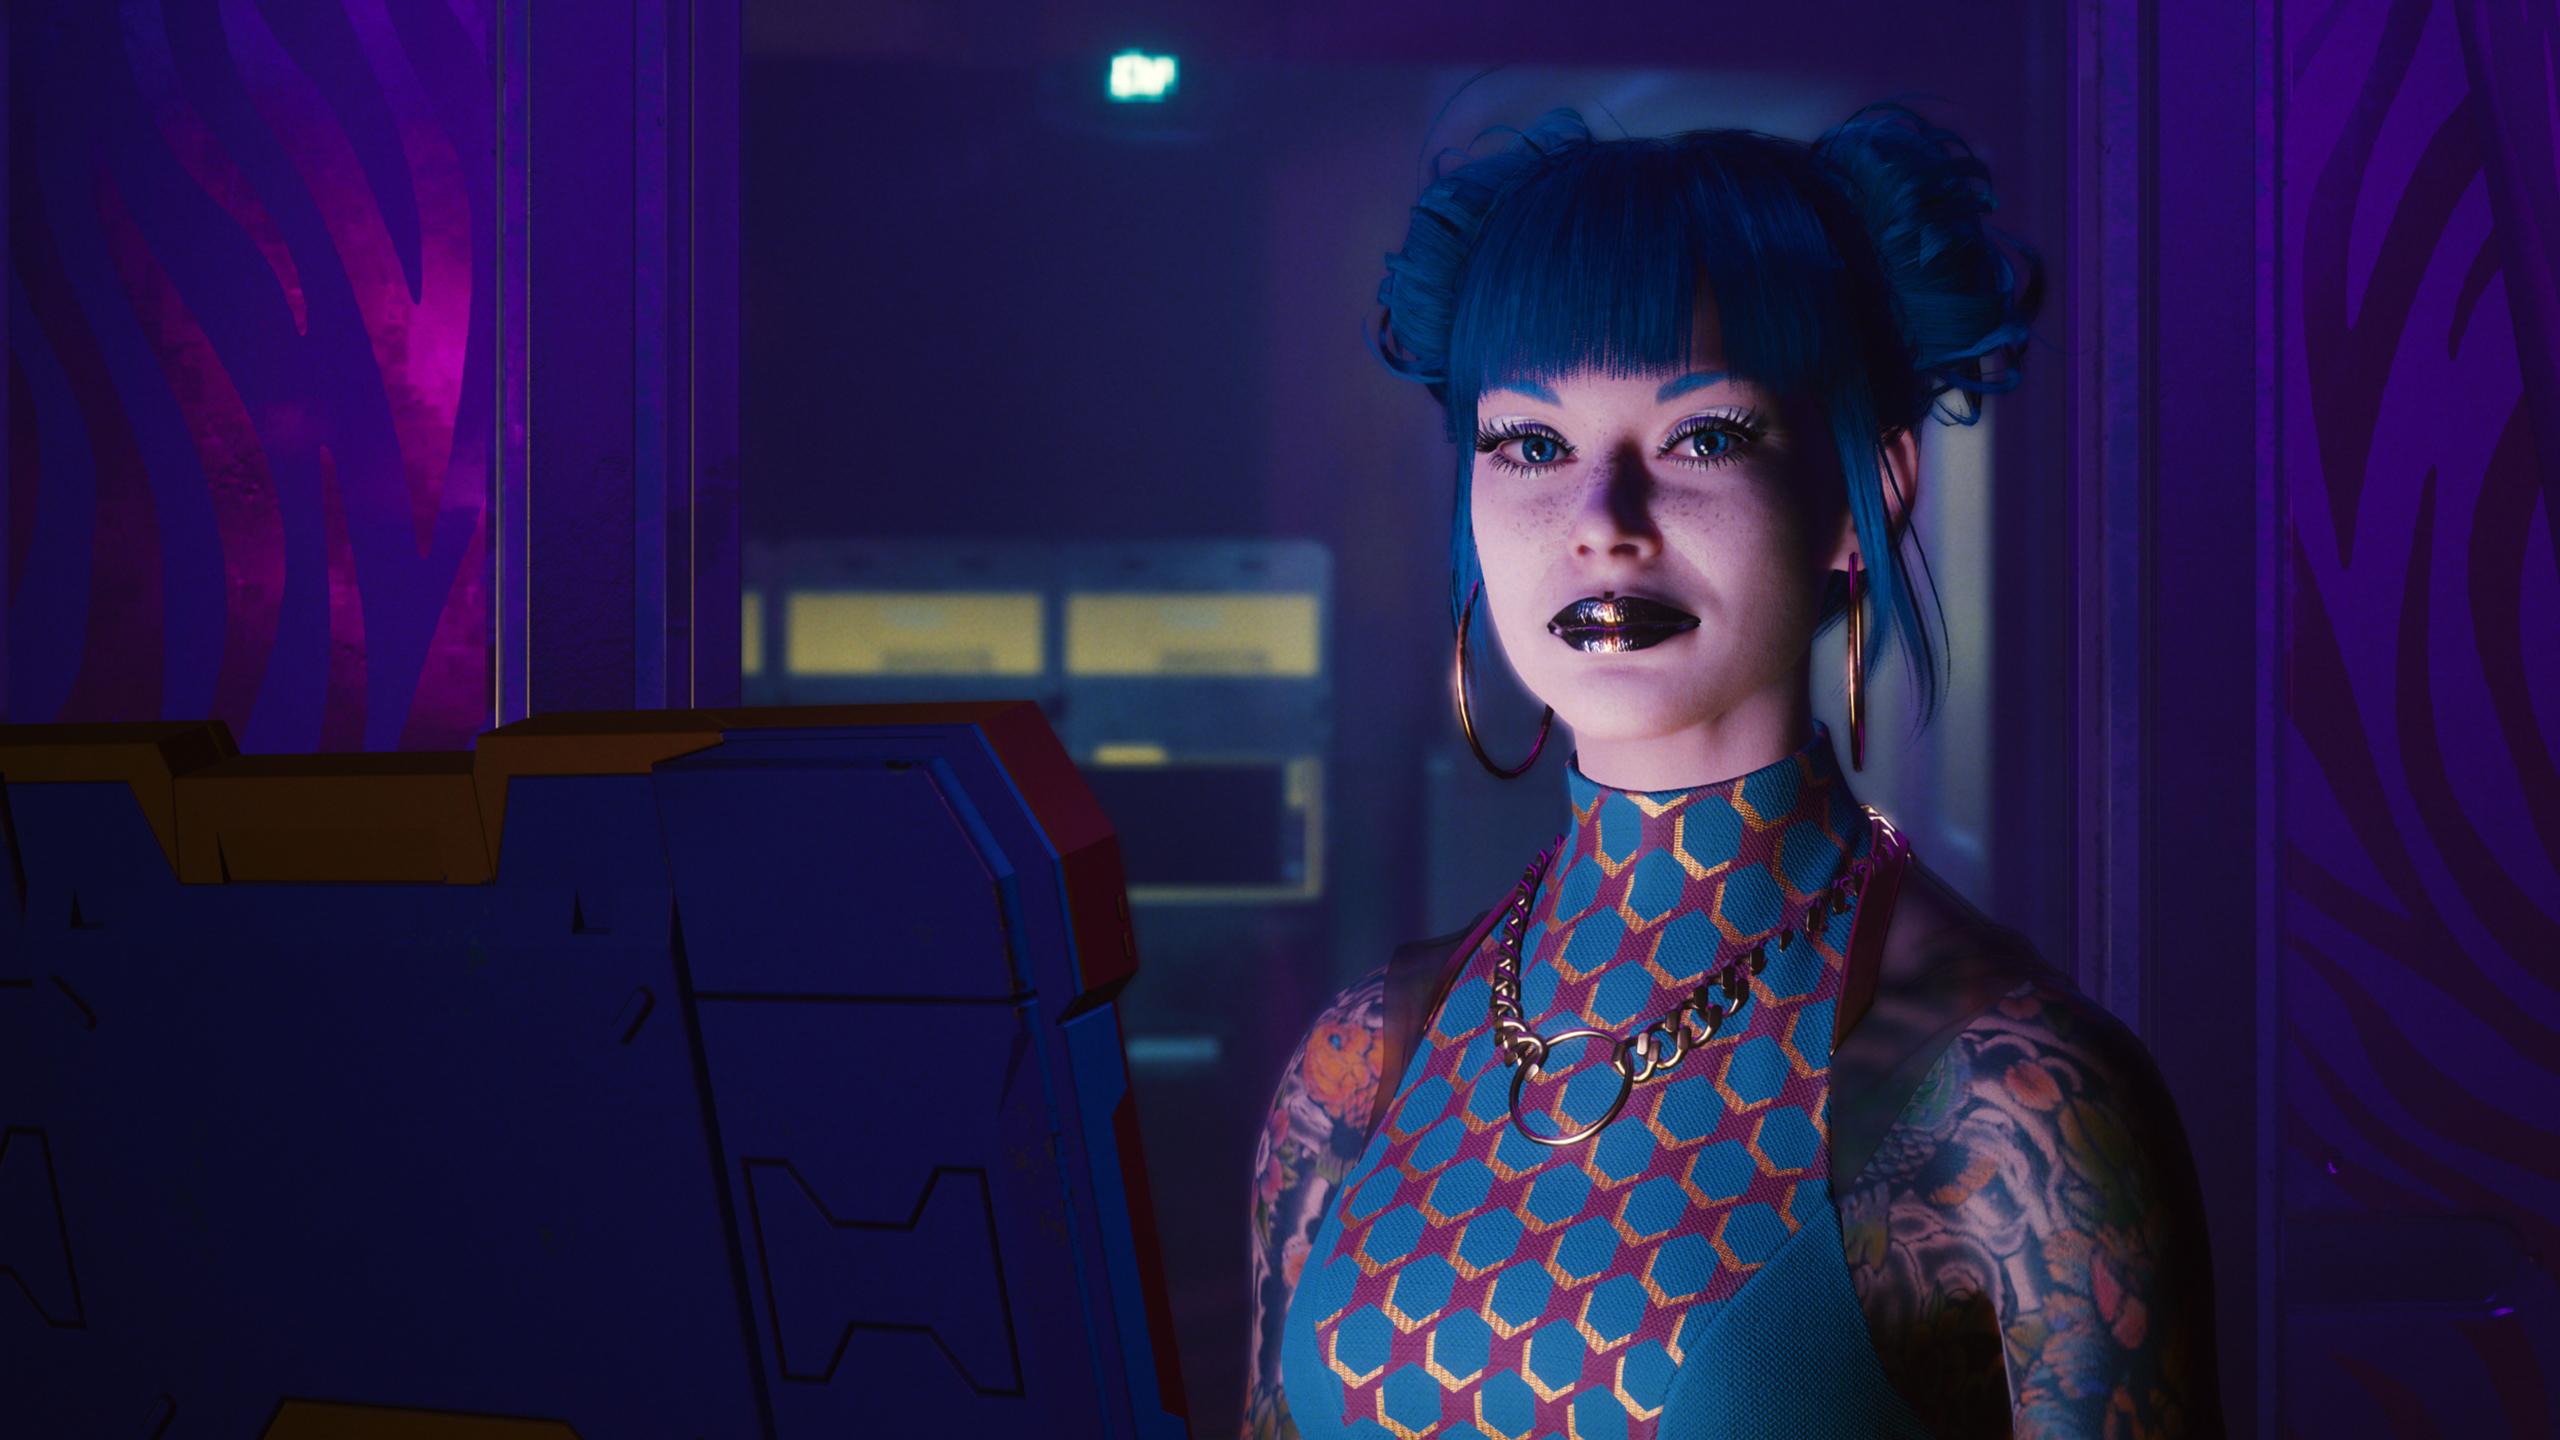 Лица ночного города: более пристальный взгляд на странных и прекрасных персонажей Cyberpunk 2077